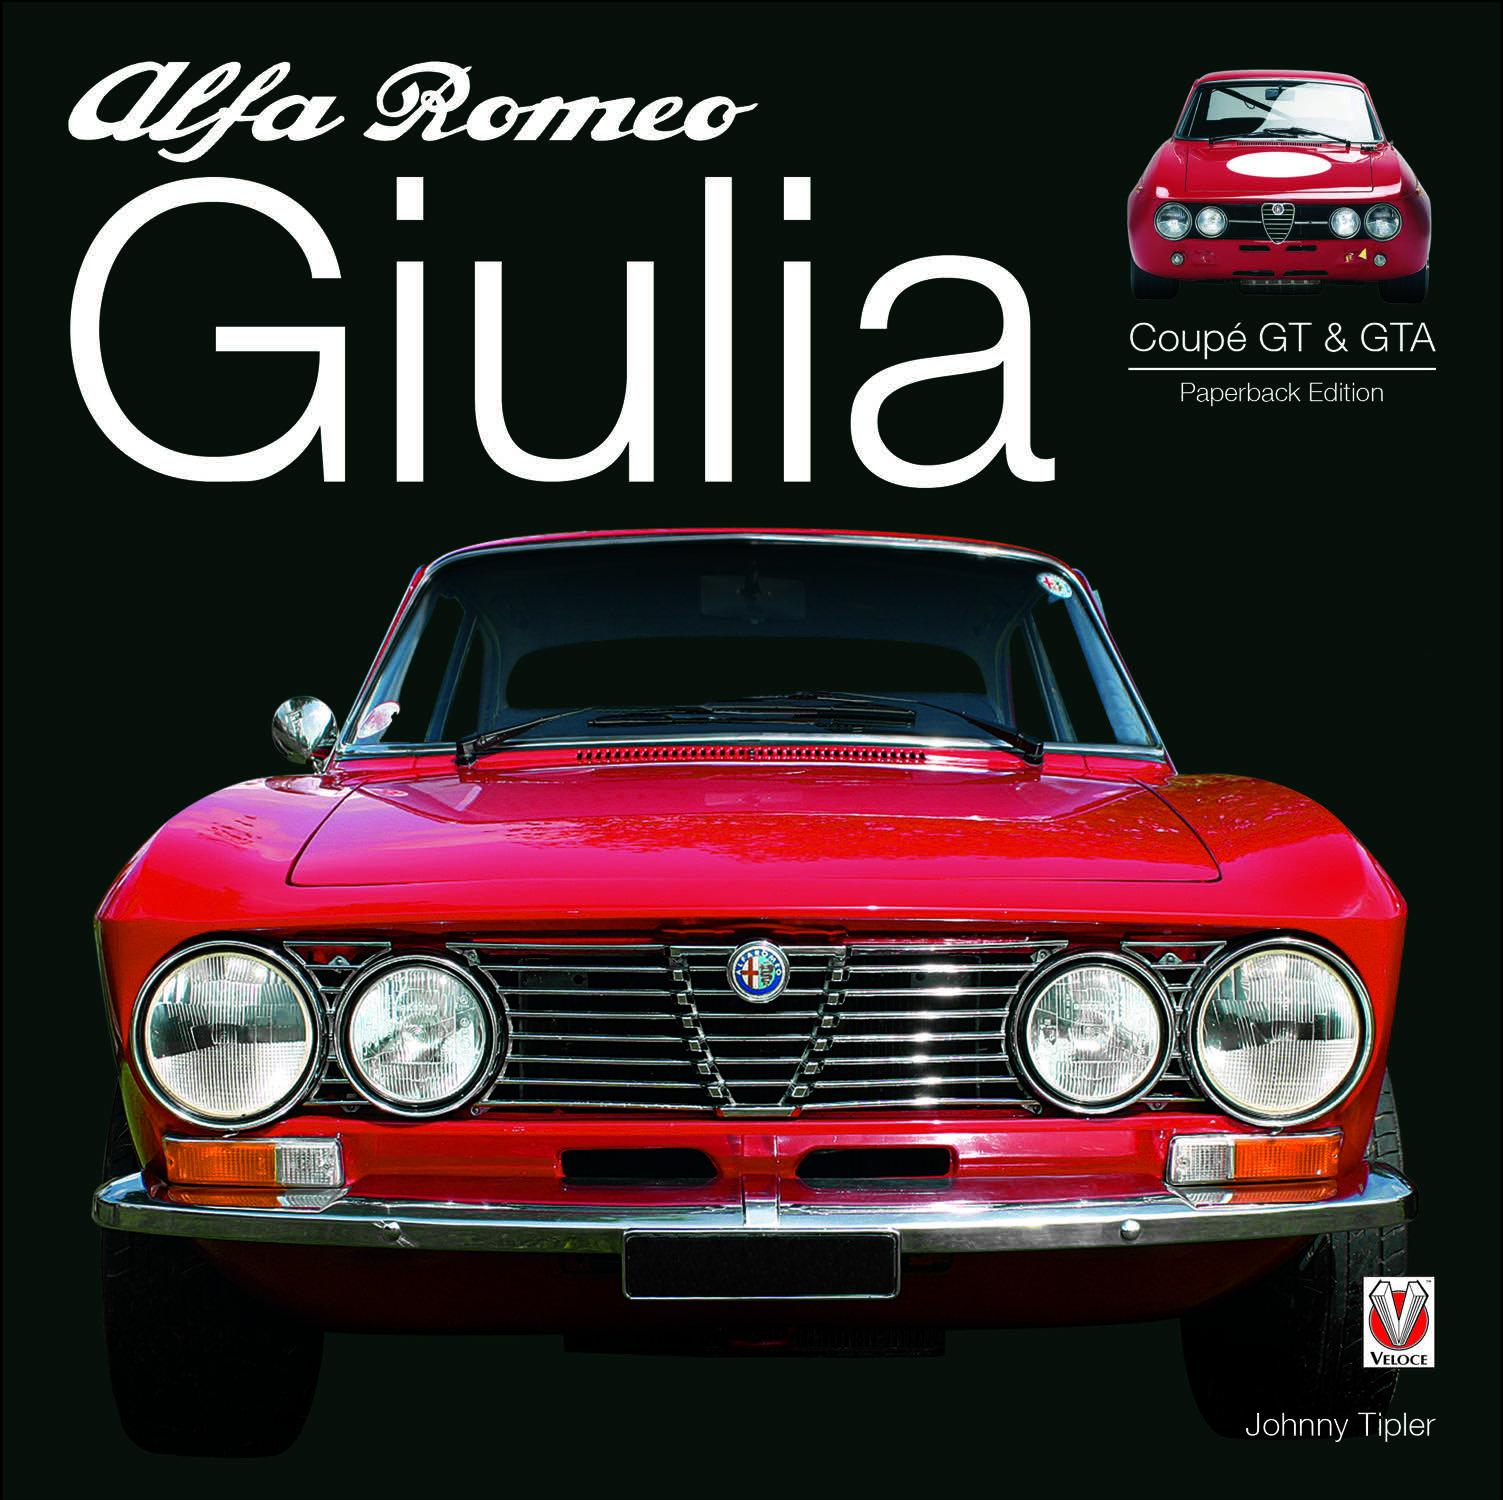 'Alfa Romeo Giulia GT & GTA'